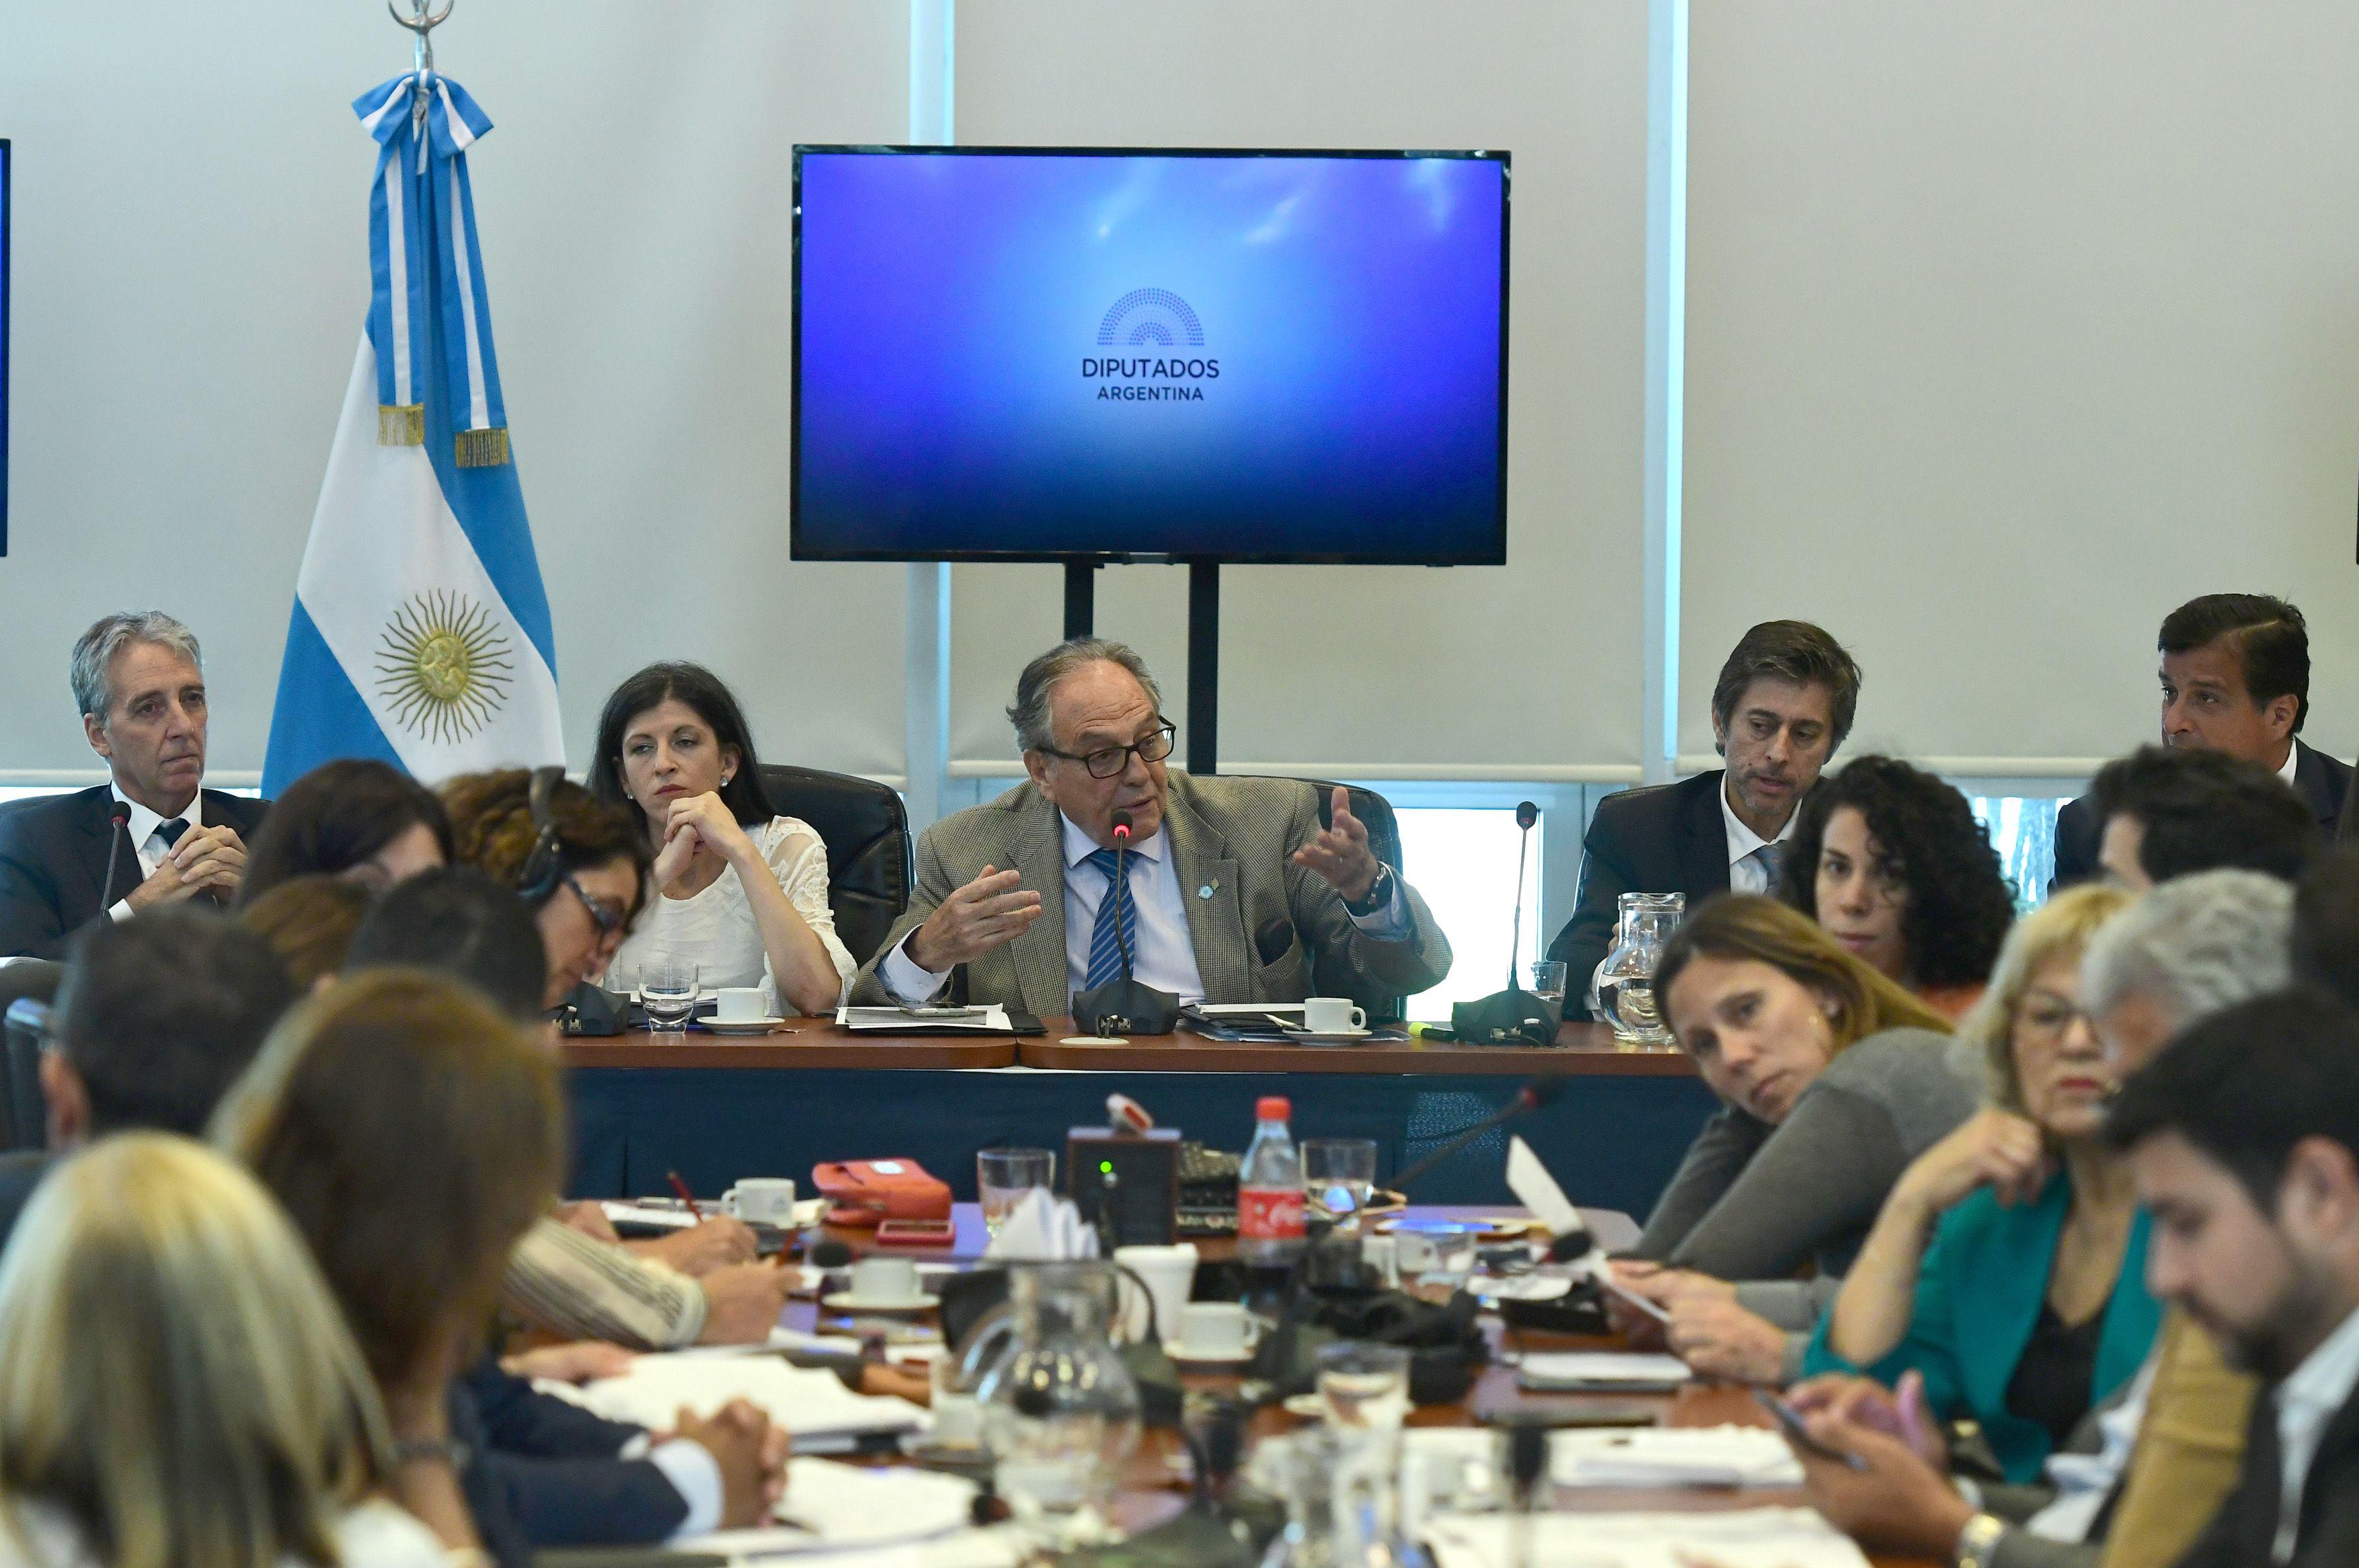 El oficialismo firmó el dictamen del proyecto para reperfilar la deuda: será tratado este miércoles